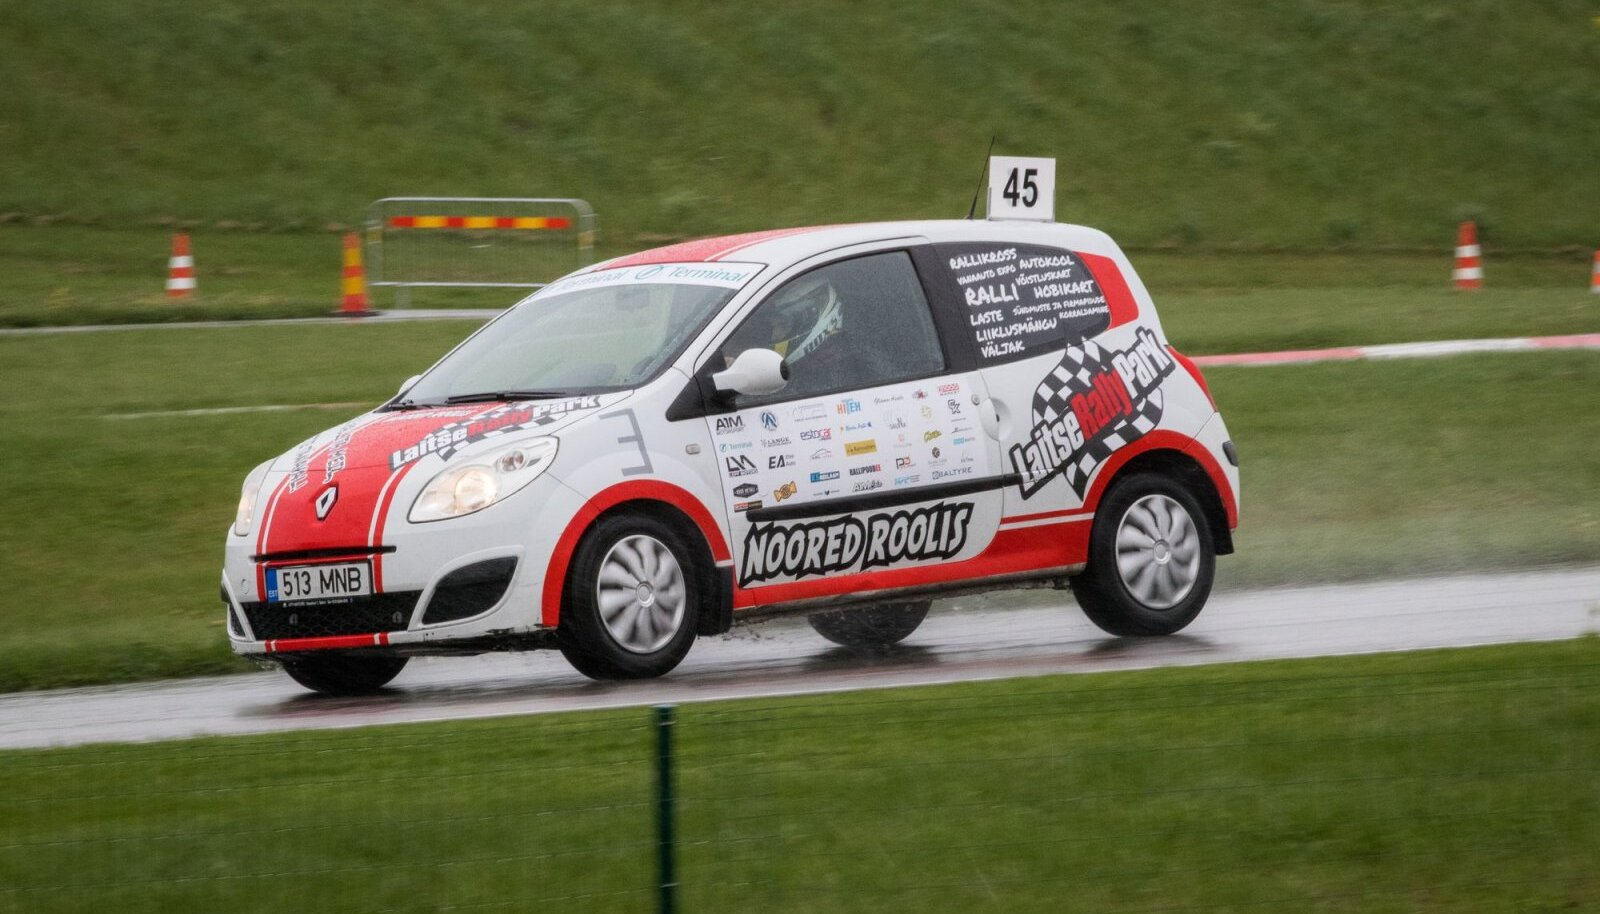 Kõik osalejad sõidavad võrdsete Renault Twingodega